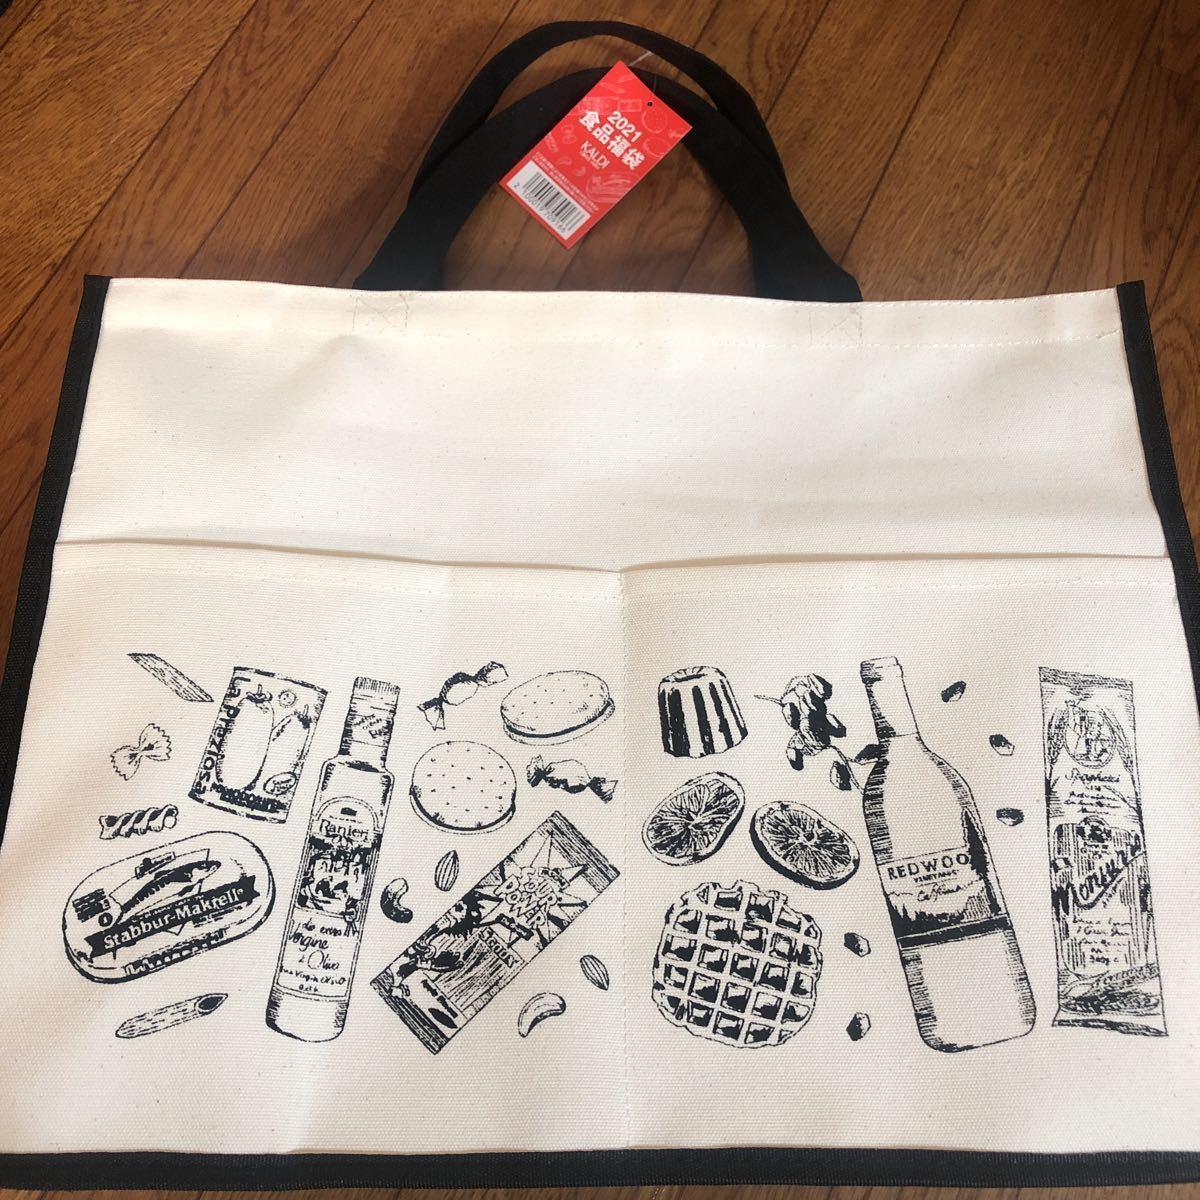 【即決】KALDI カルディ 食品福袋2021年キャンパス地 お買い物バッグ トートバッグ エコバッグ 縦33.5横44マチ15 帆布バッグ